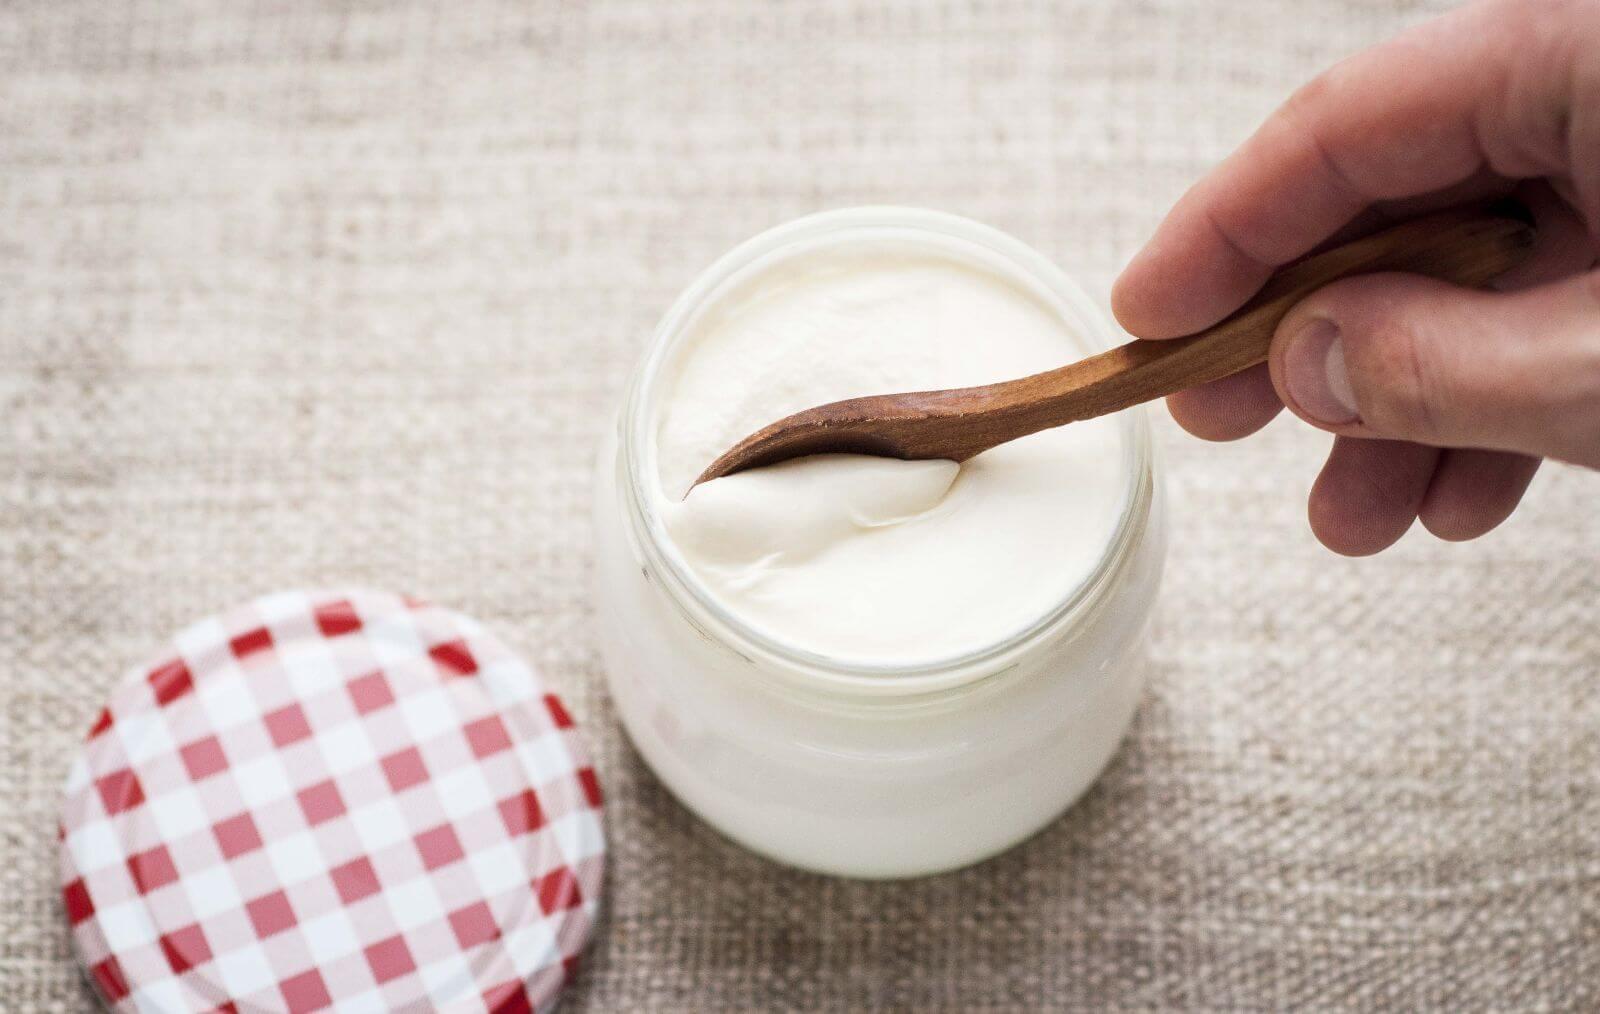 Lưu ý thông tin về các lợi khuẩn trong sữa chua